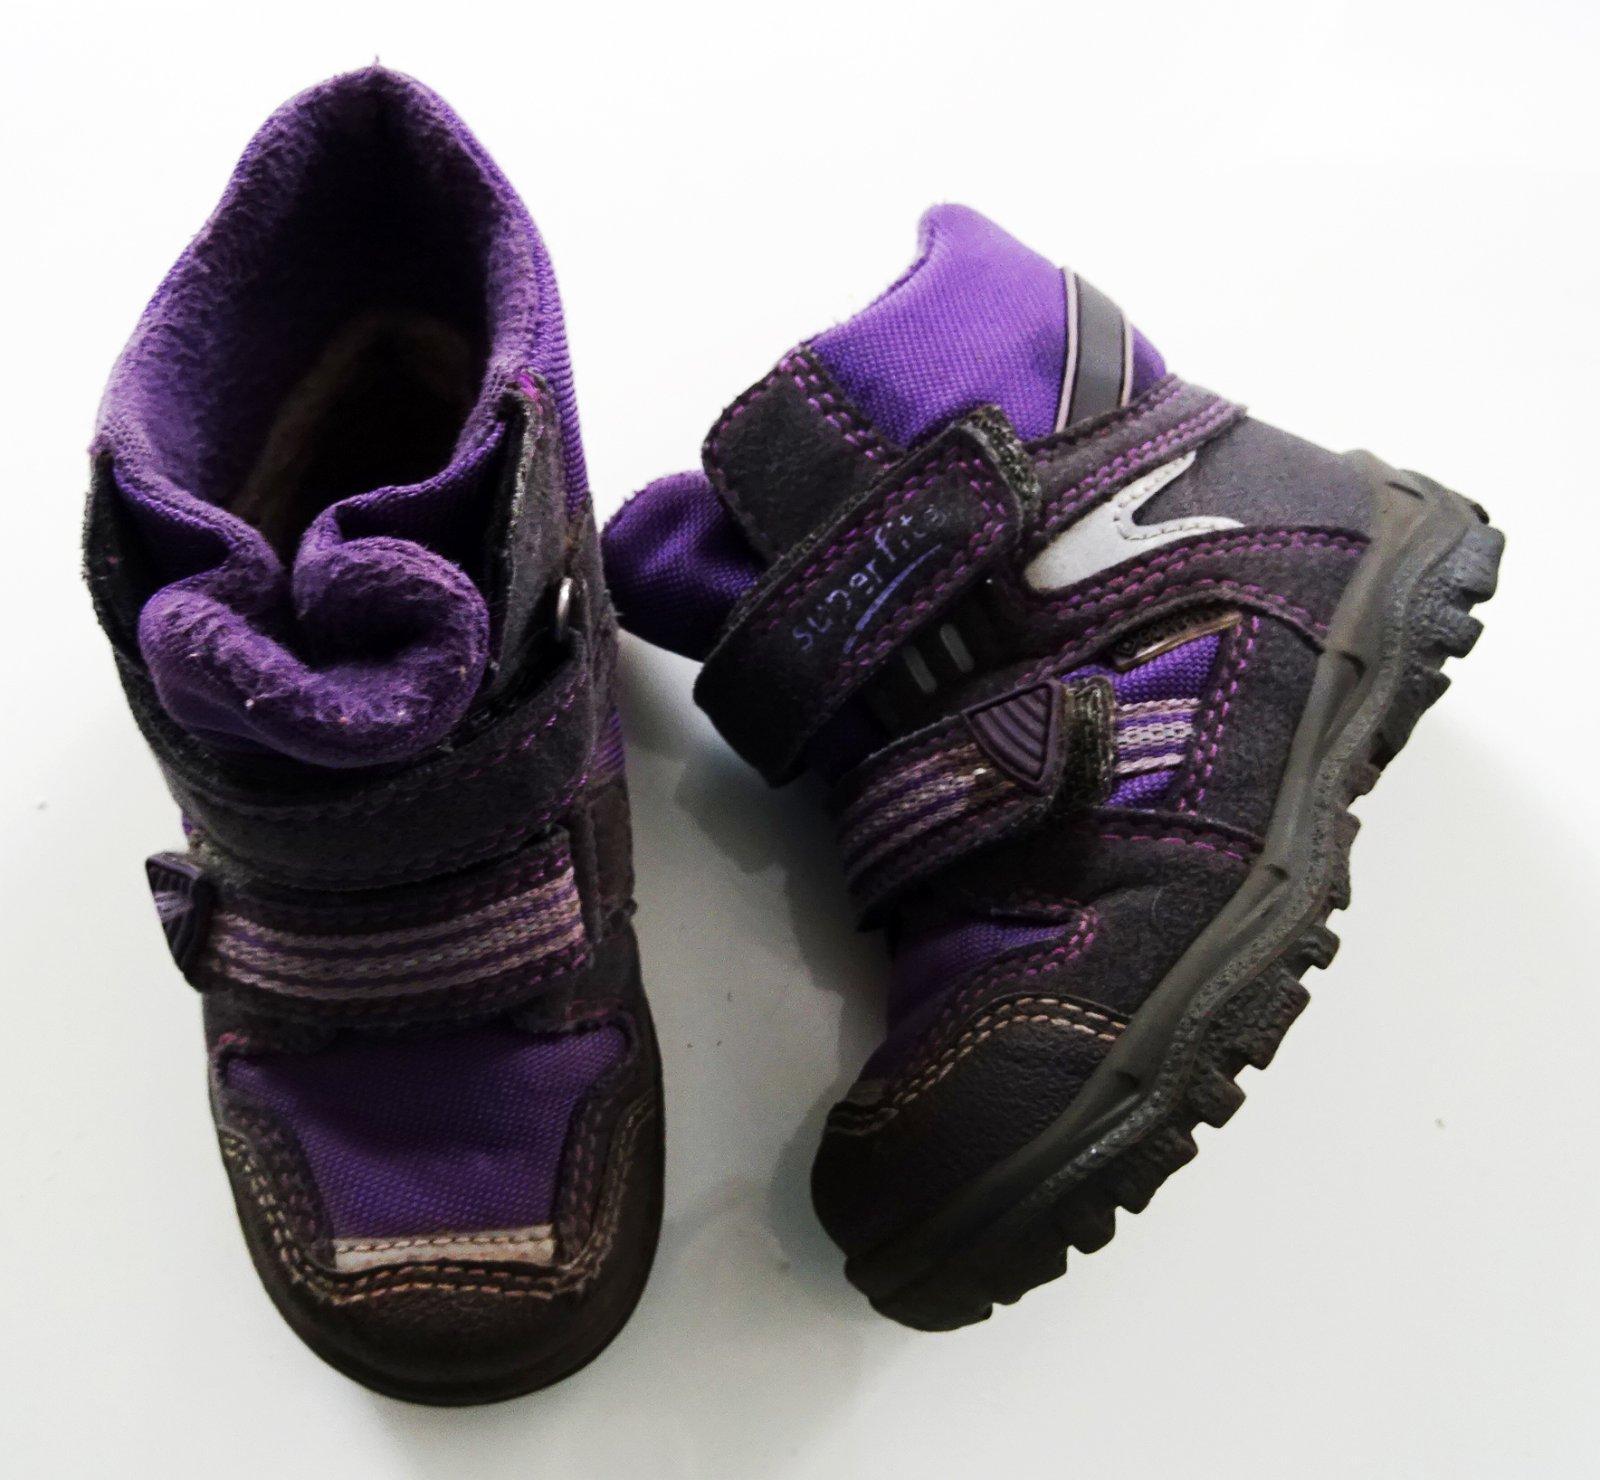 a7f77d8a6e4 Zimní boty s membránou goretex